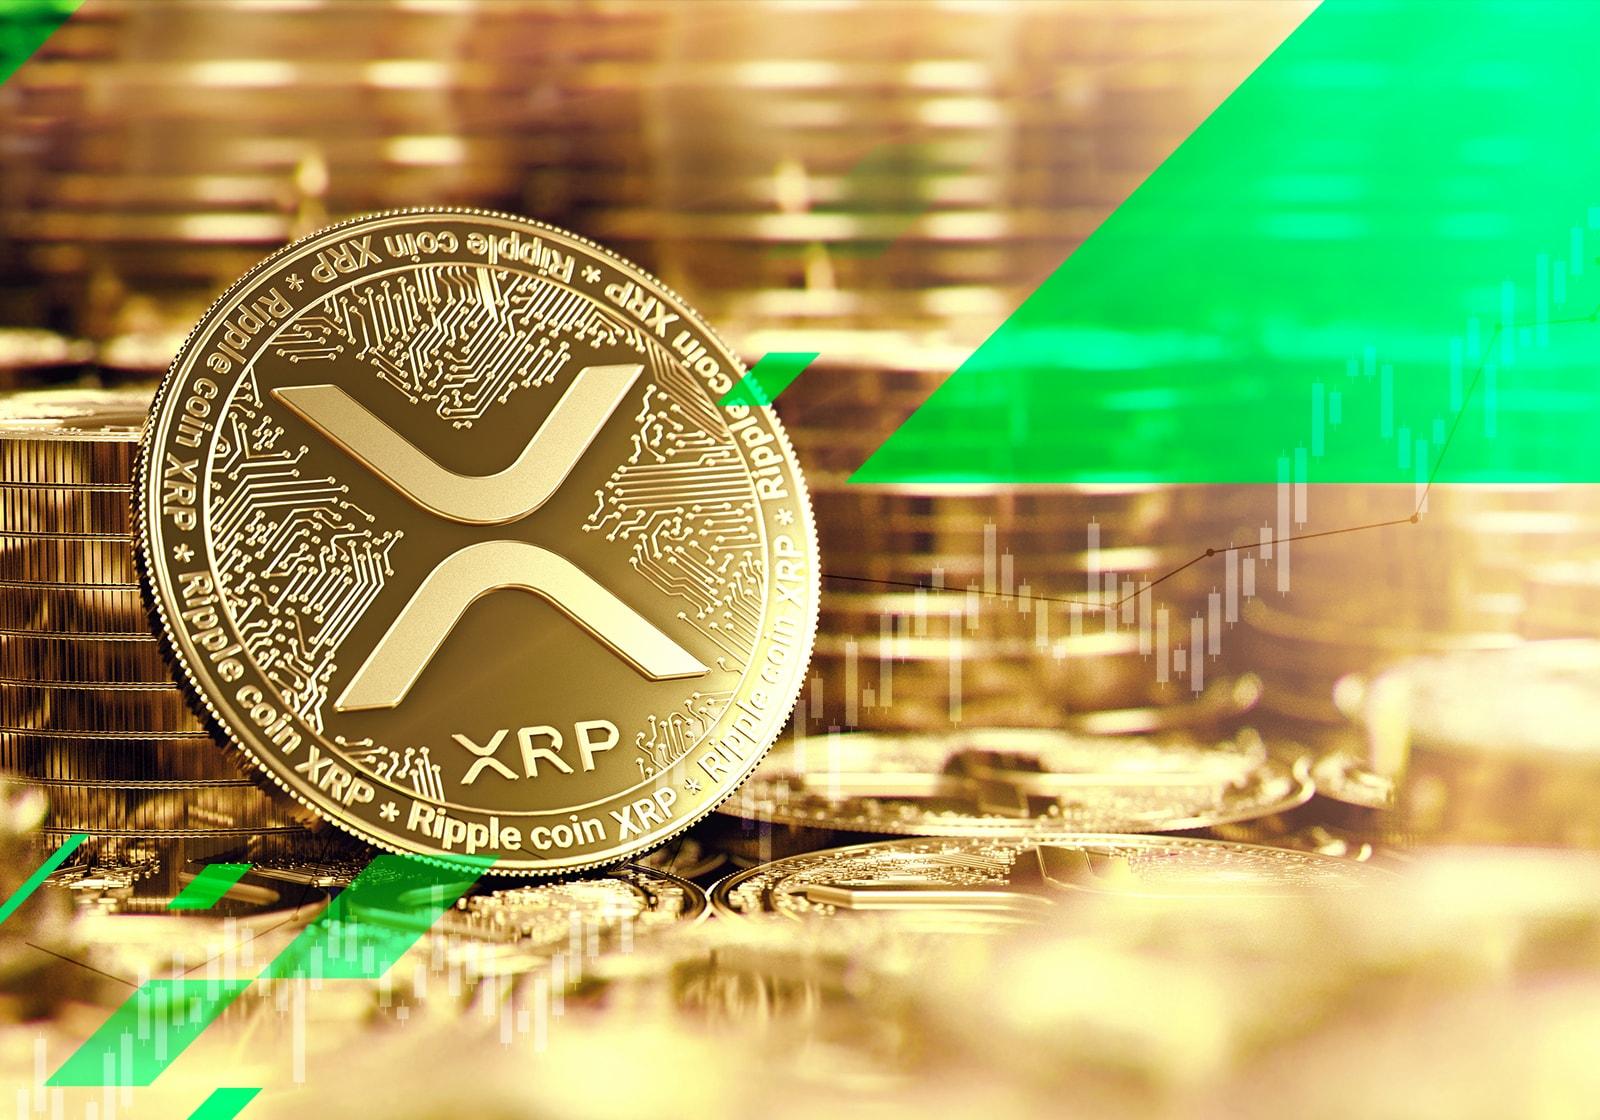 المستثمرون في الريبل XRP يطالبون بإدخالهم في قضية هيئة SEC والريبل والقاضي يرفض... التفاصيل هنا